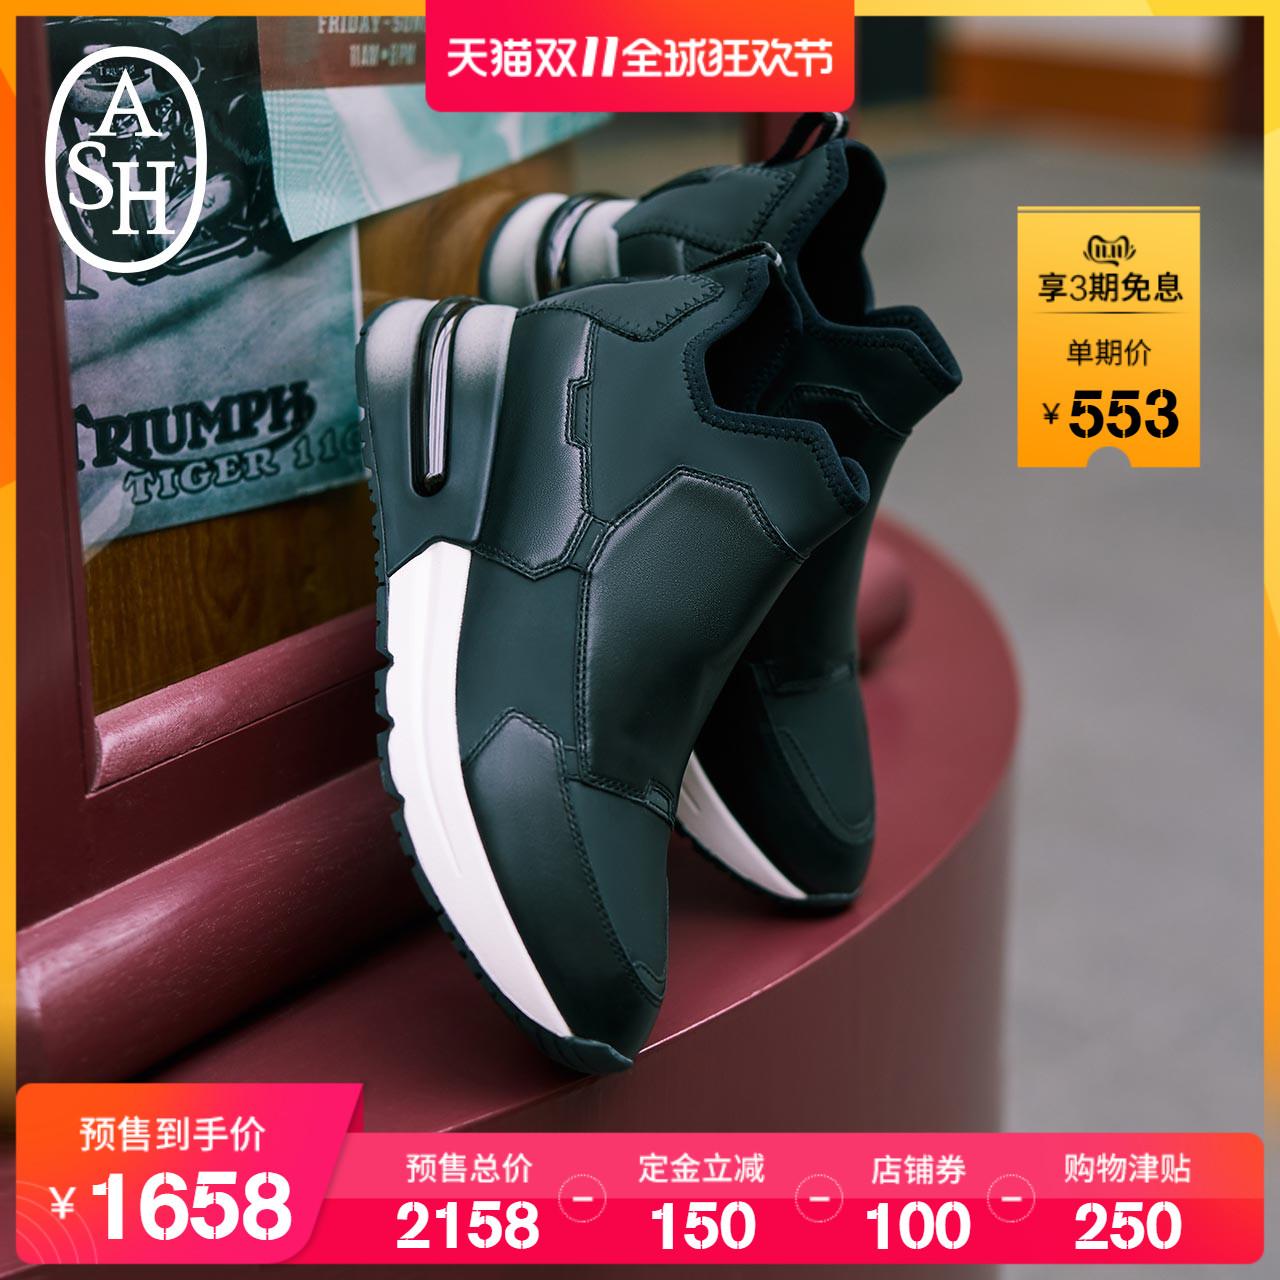 ASH女鞋2019秋季新品KRYSTAL低帮气垫运动鞋增高鞋女 thumbnail